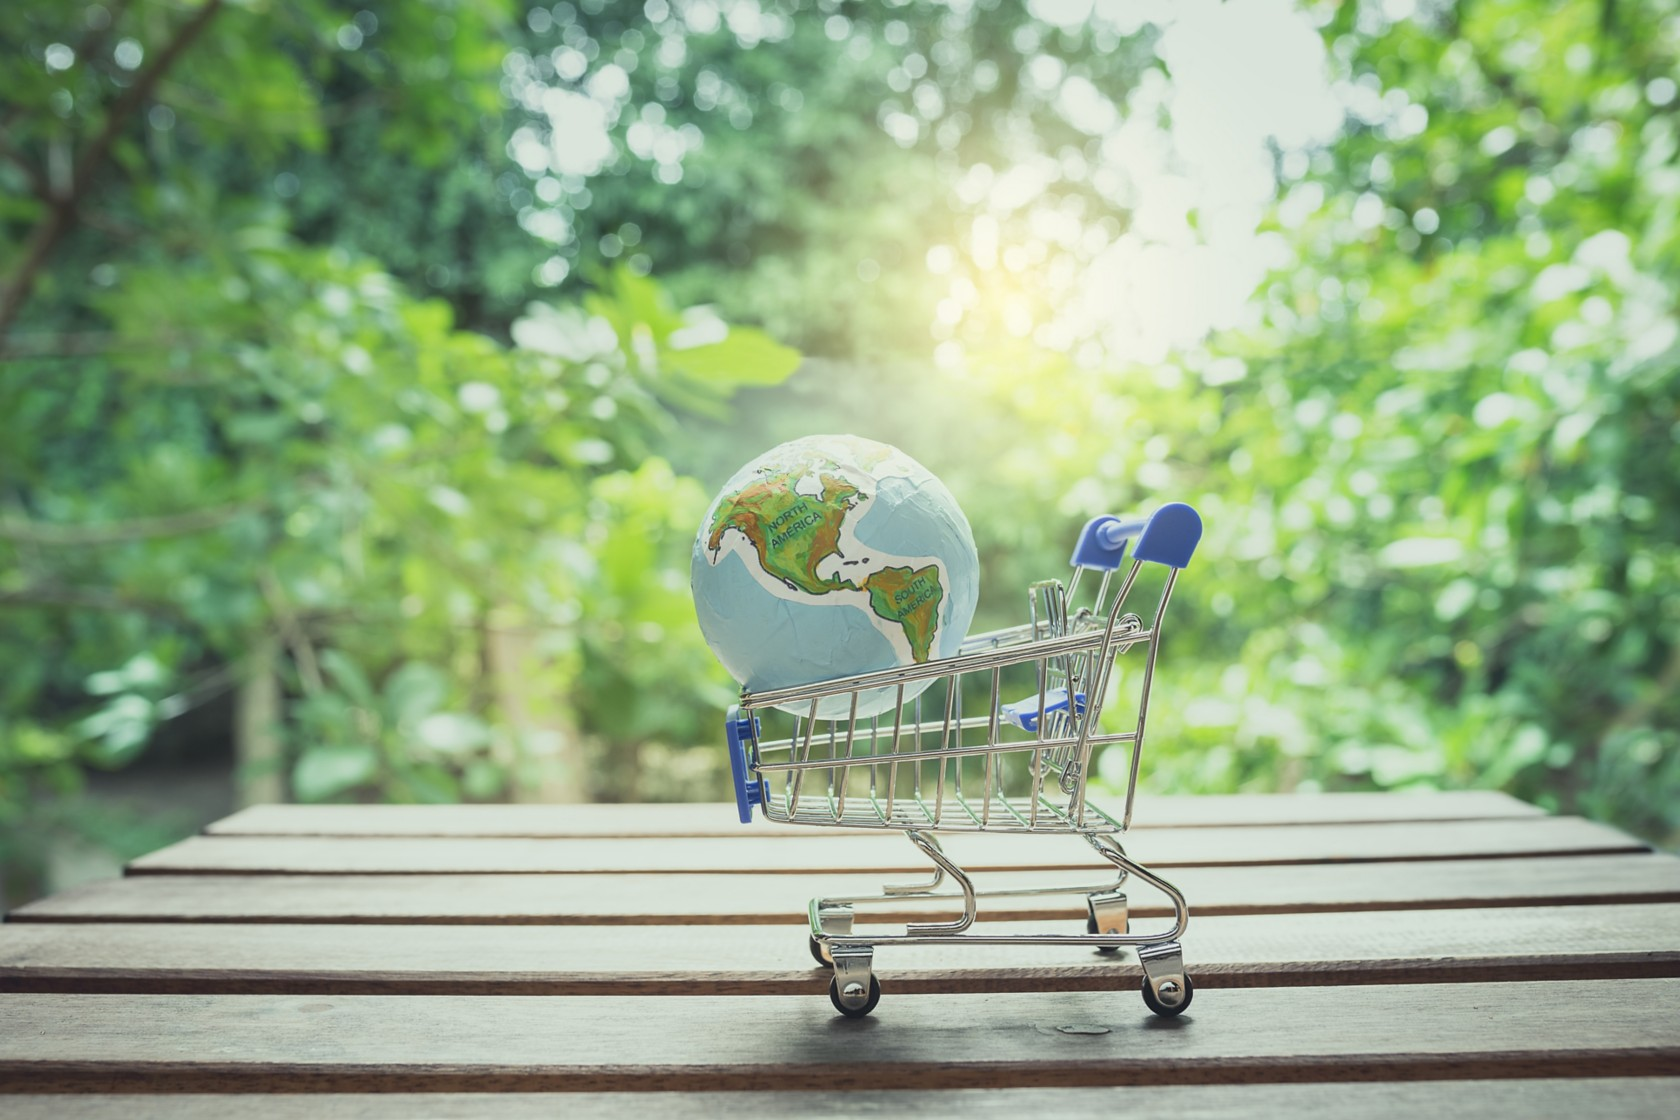 Klimafreundlich einkaufen, Einkaufswagen mit Globus